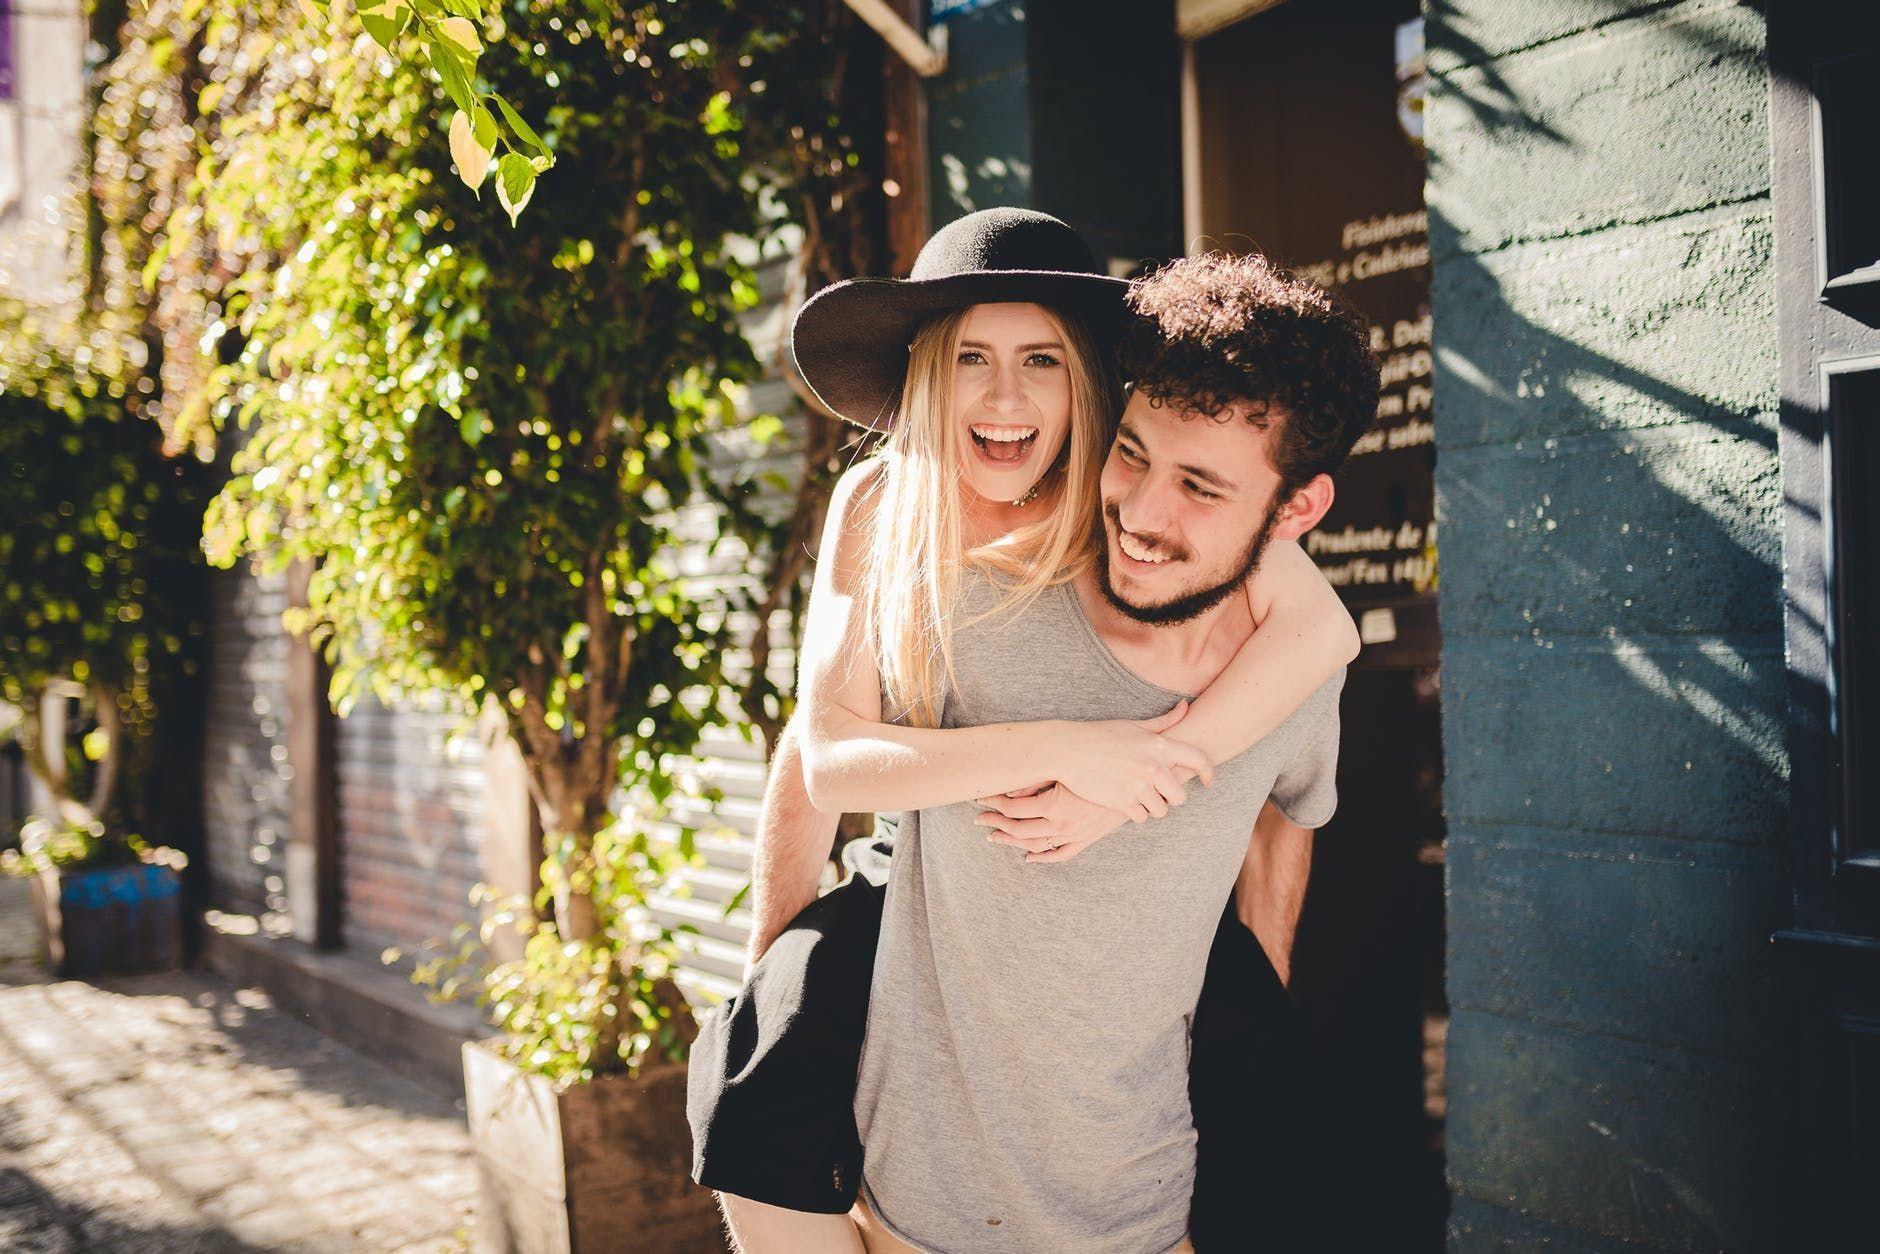 Diprediksi Cocok, 6 Pasang Zodiak Ini Paling Langgeng dalam Berkencan